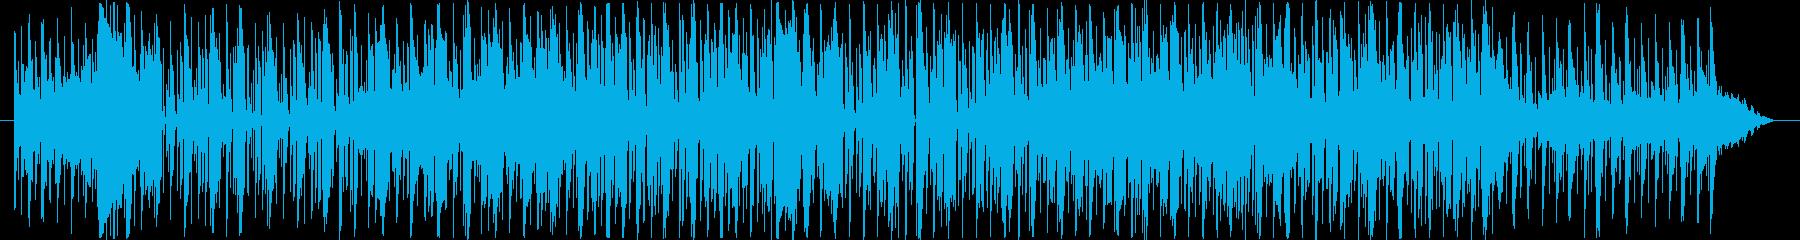 レトロな感じを目指しました。レトロだけ…の再生済みの波形